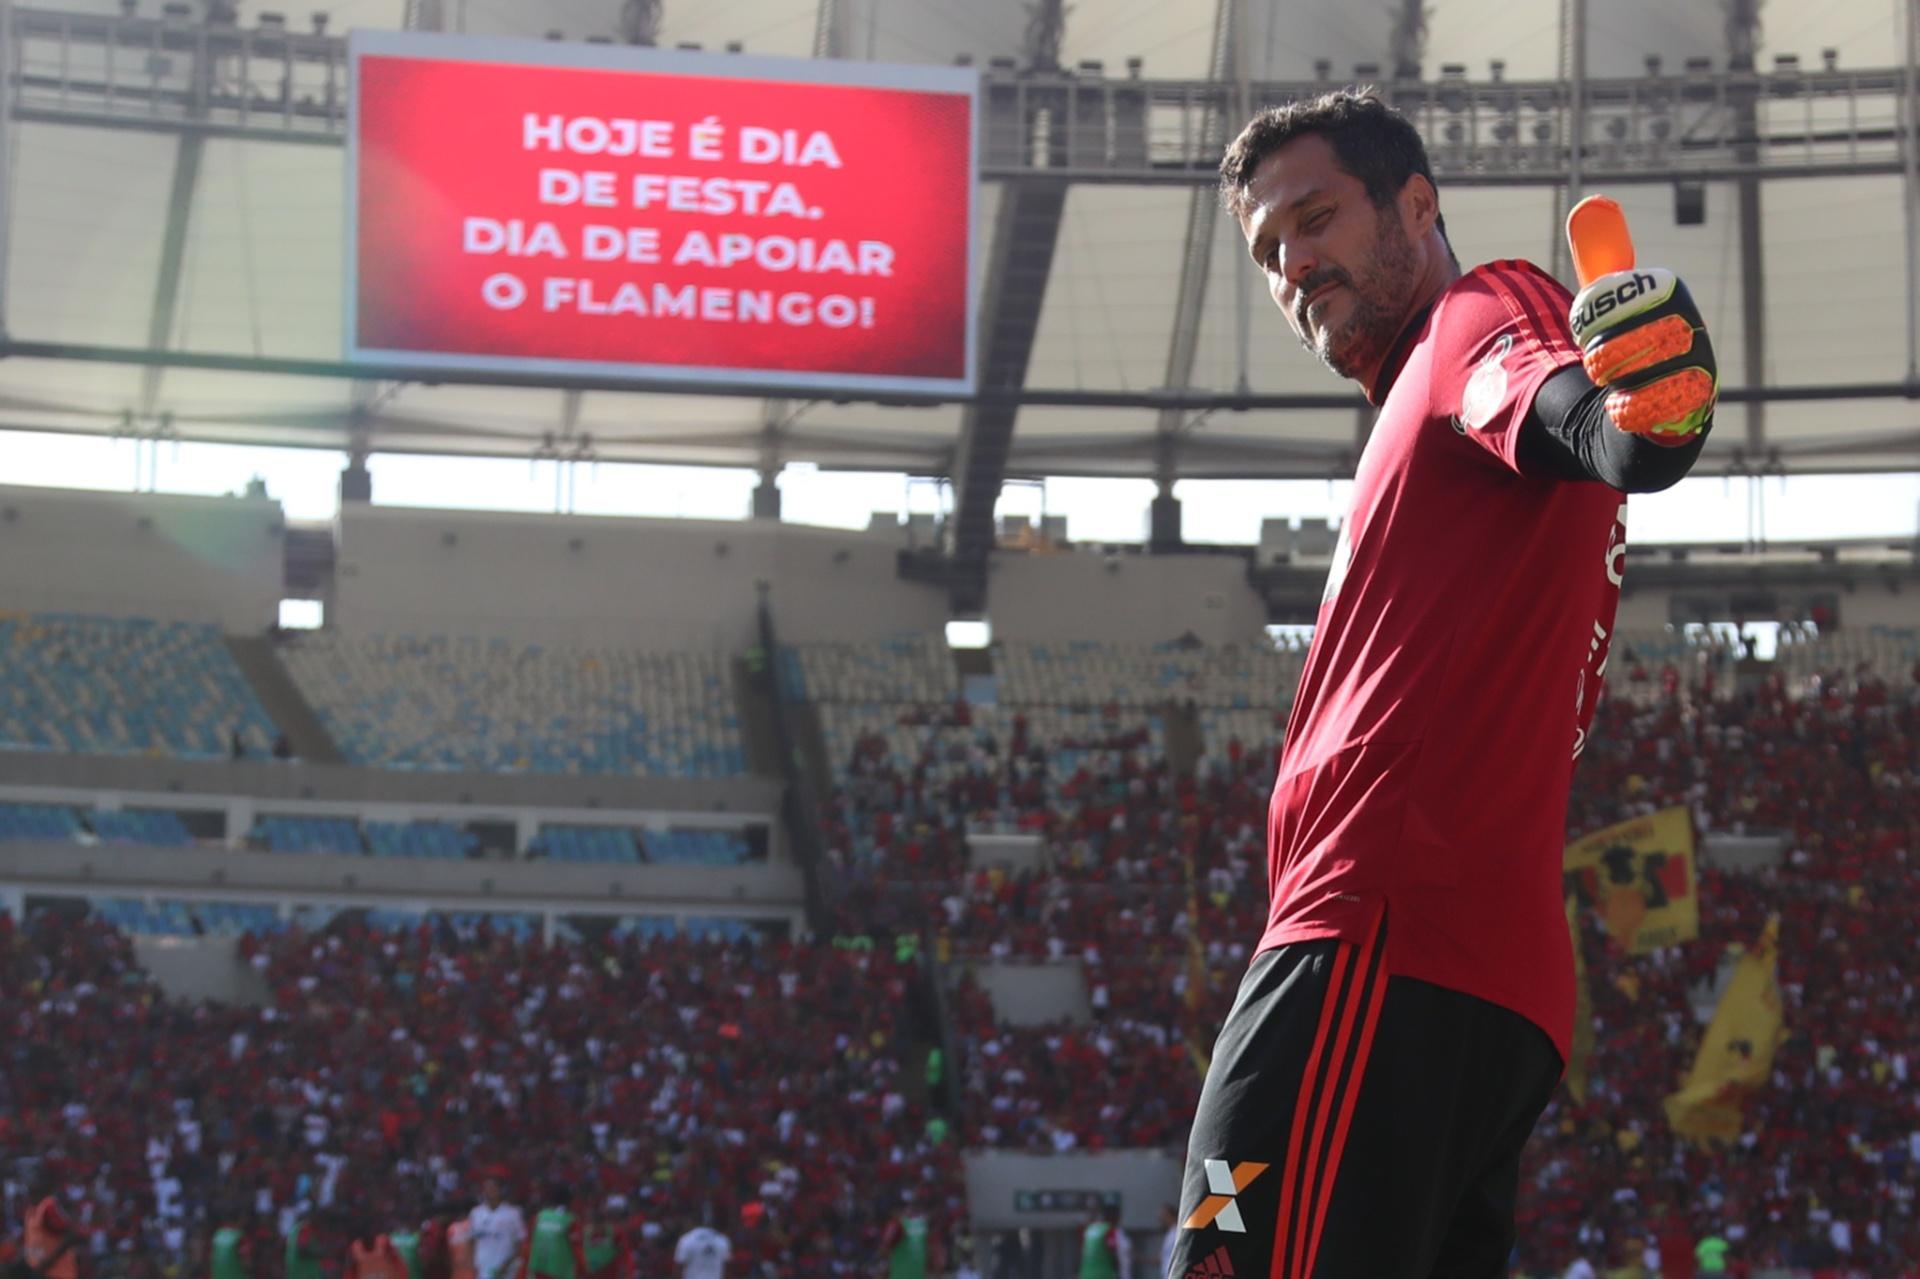 Júlio César se despede do futebol com Flamengo sob pressão e Maracanã cheio  - 21 04 2018 - UOL Esporte 925ad1e37f902